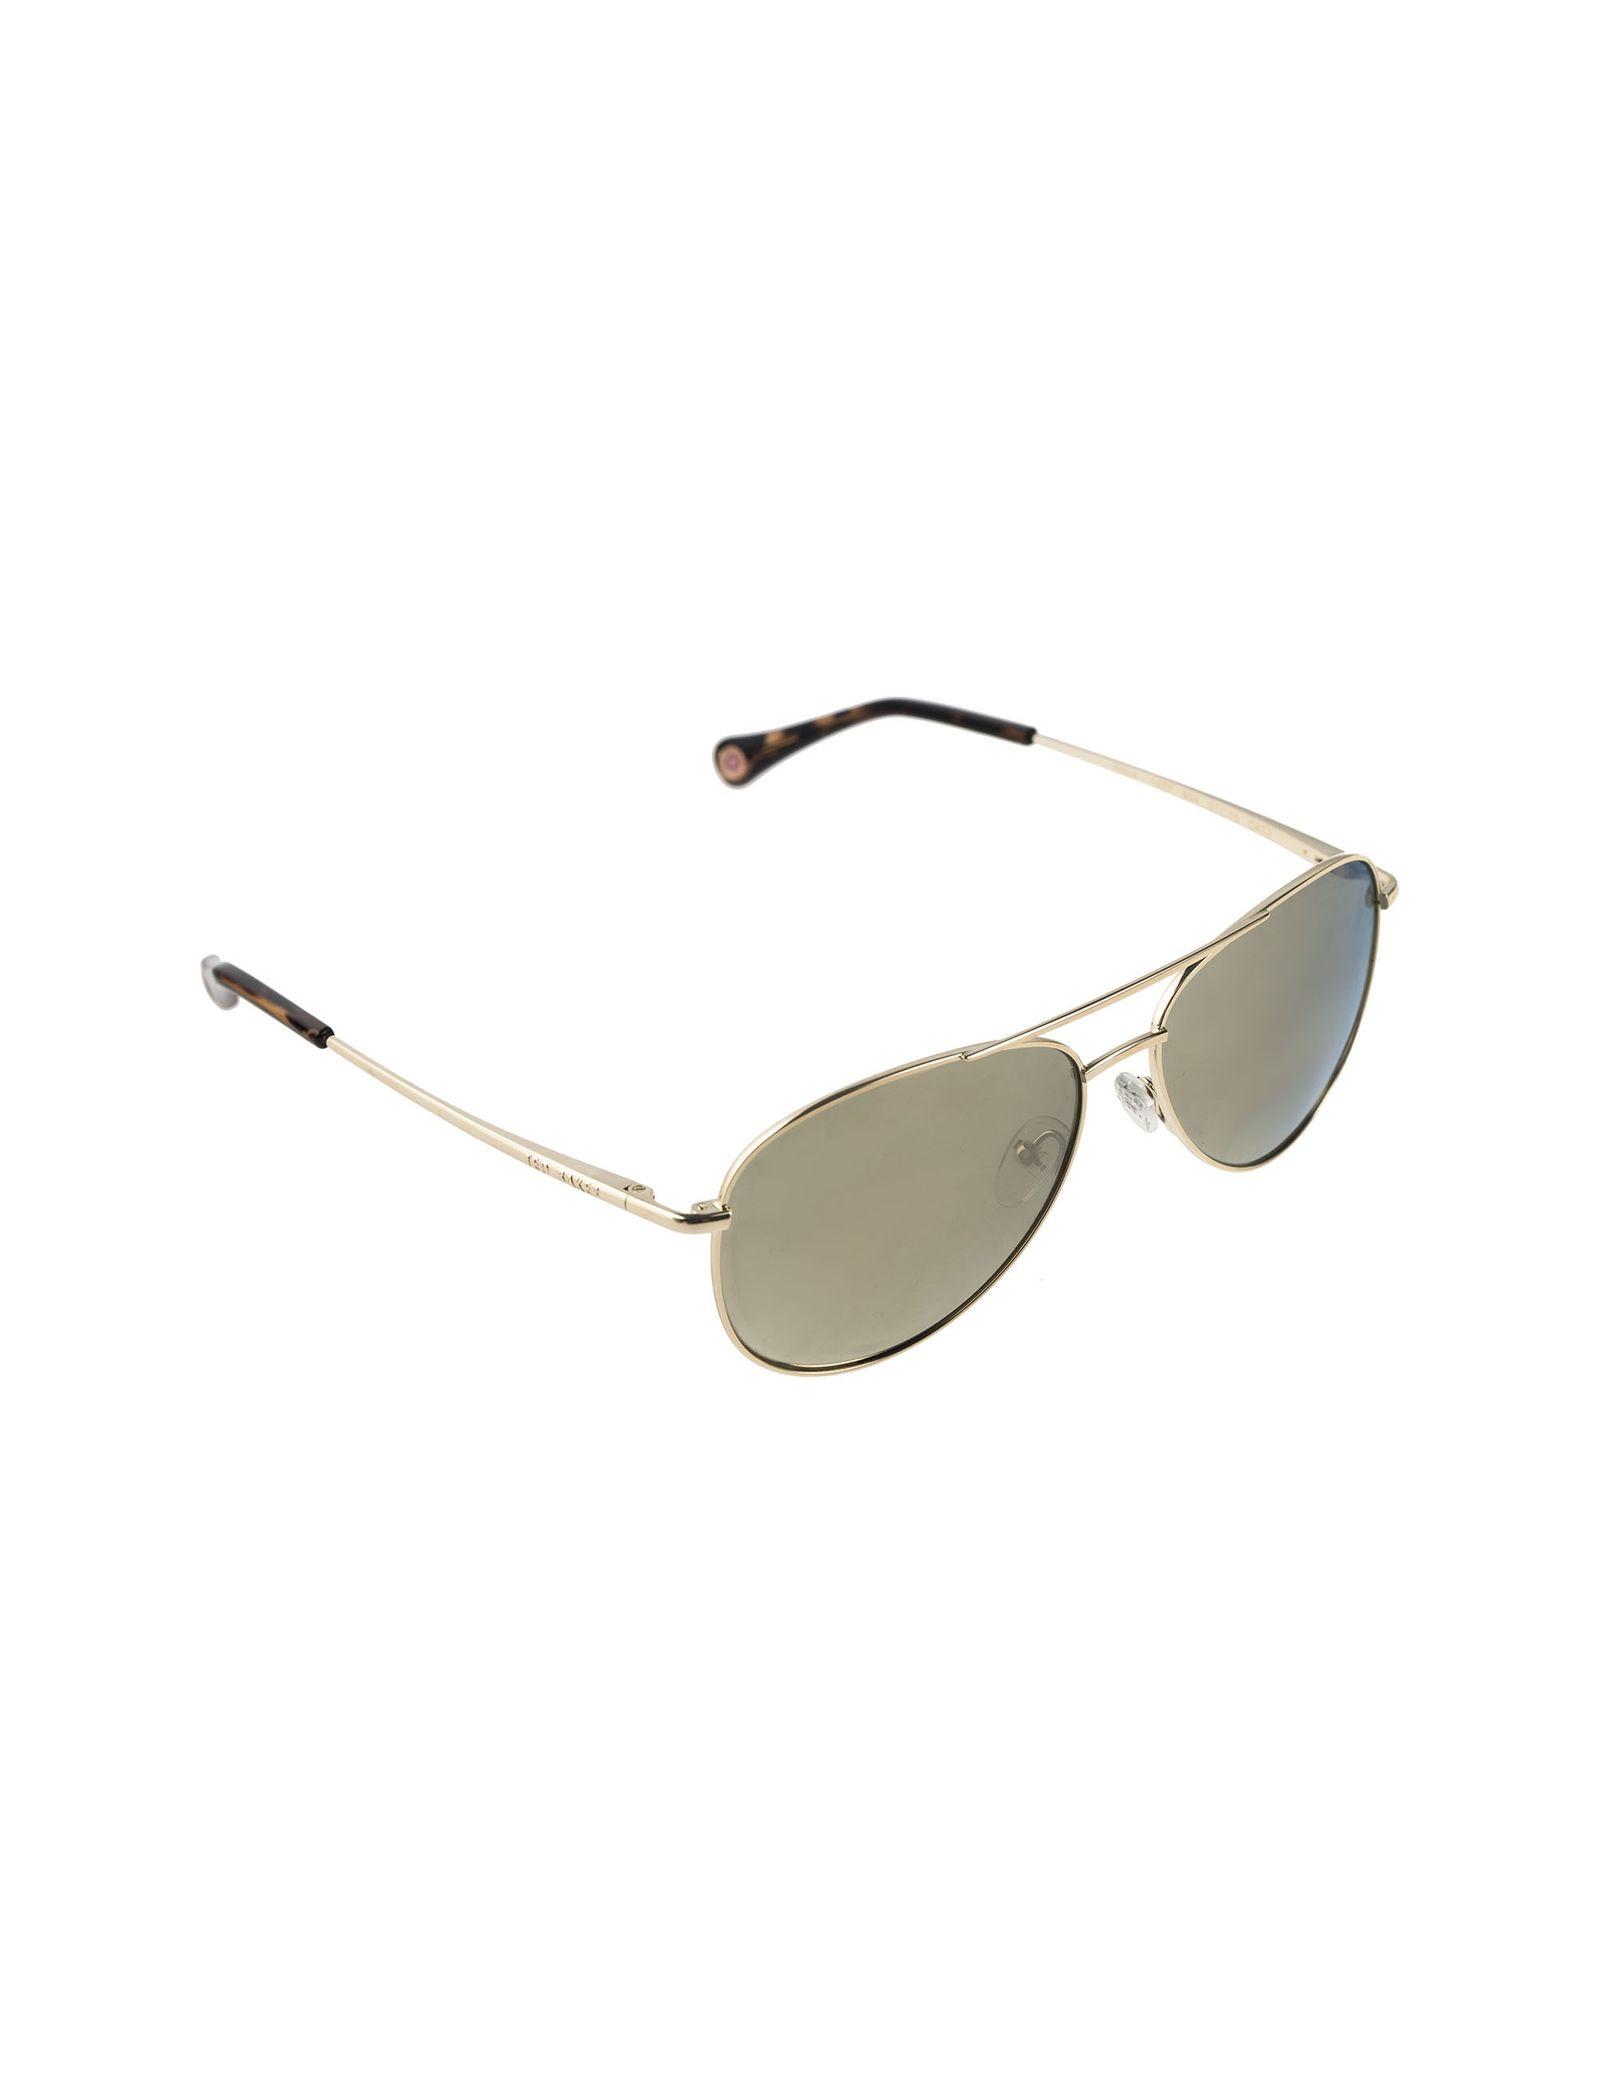 عینک آفتابی خلبانی زنانه - تد بیکر - طلايي    - 2